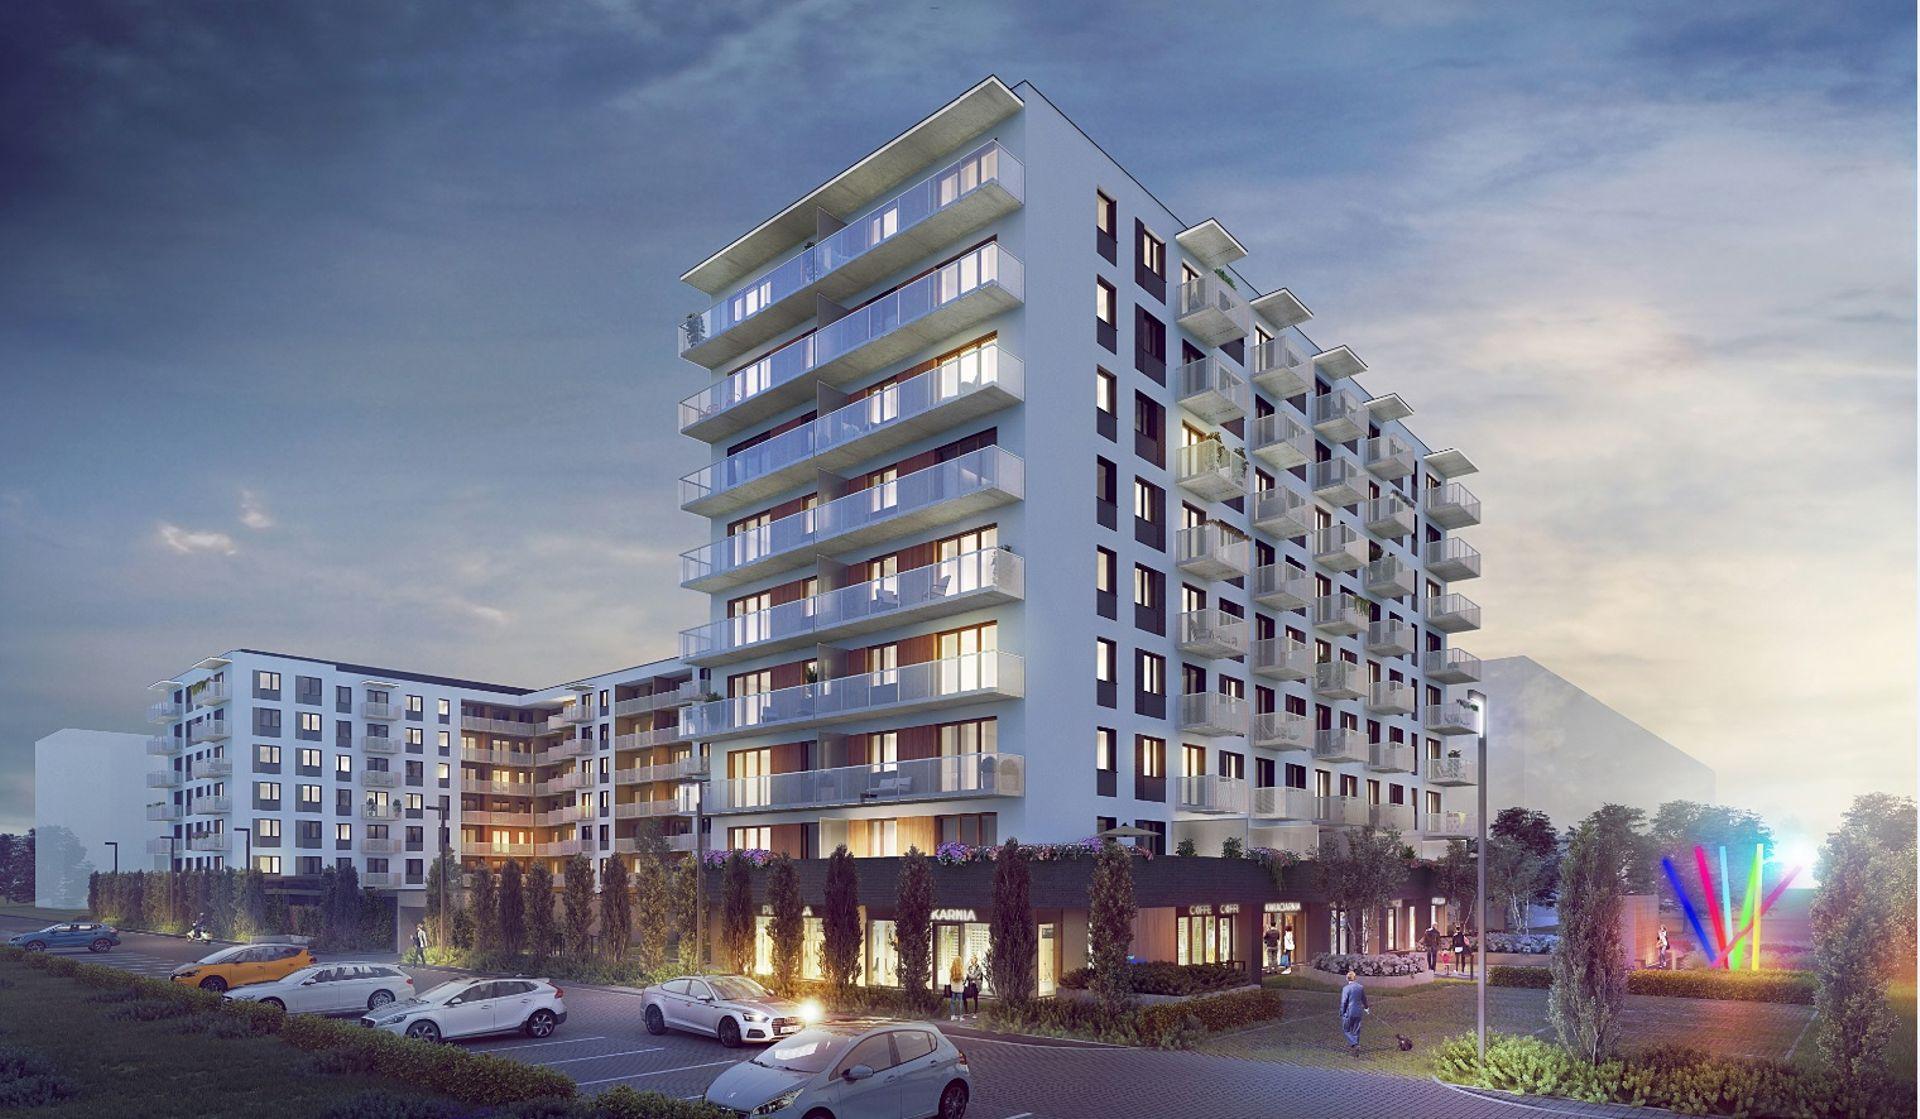 Nowy Grabiszyn – Budimex rusza z pierwszym wrocławskim projektem. Stawia osiedle w miejsce fabryki Fadroma